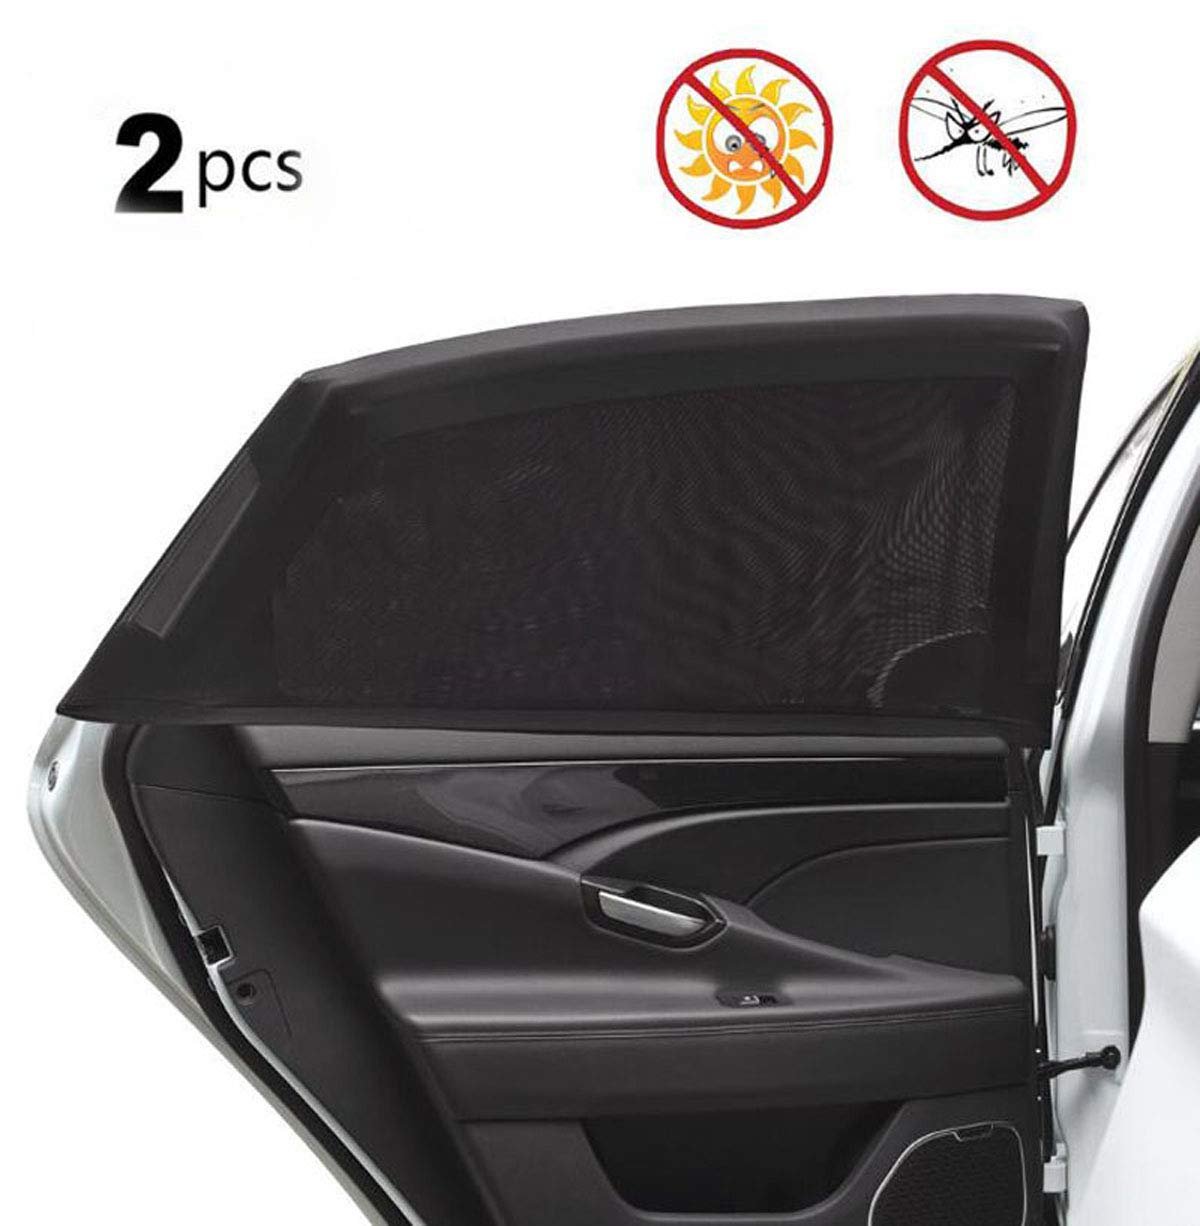 SunShadePro Anti Rayos UV y Polvo Par de parasoles para Coche para ni/ños Transpirables protecci/ón contra el Sol para Las ventanillas Laterales